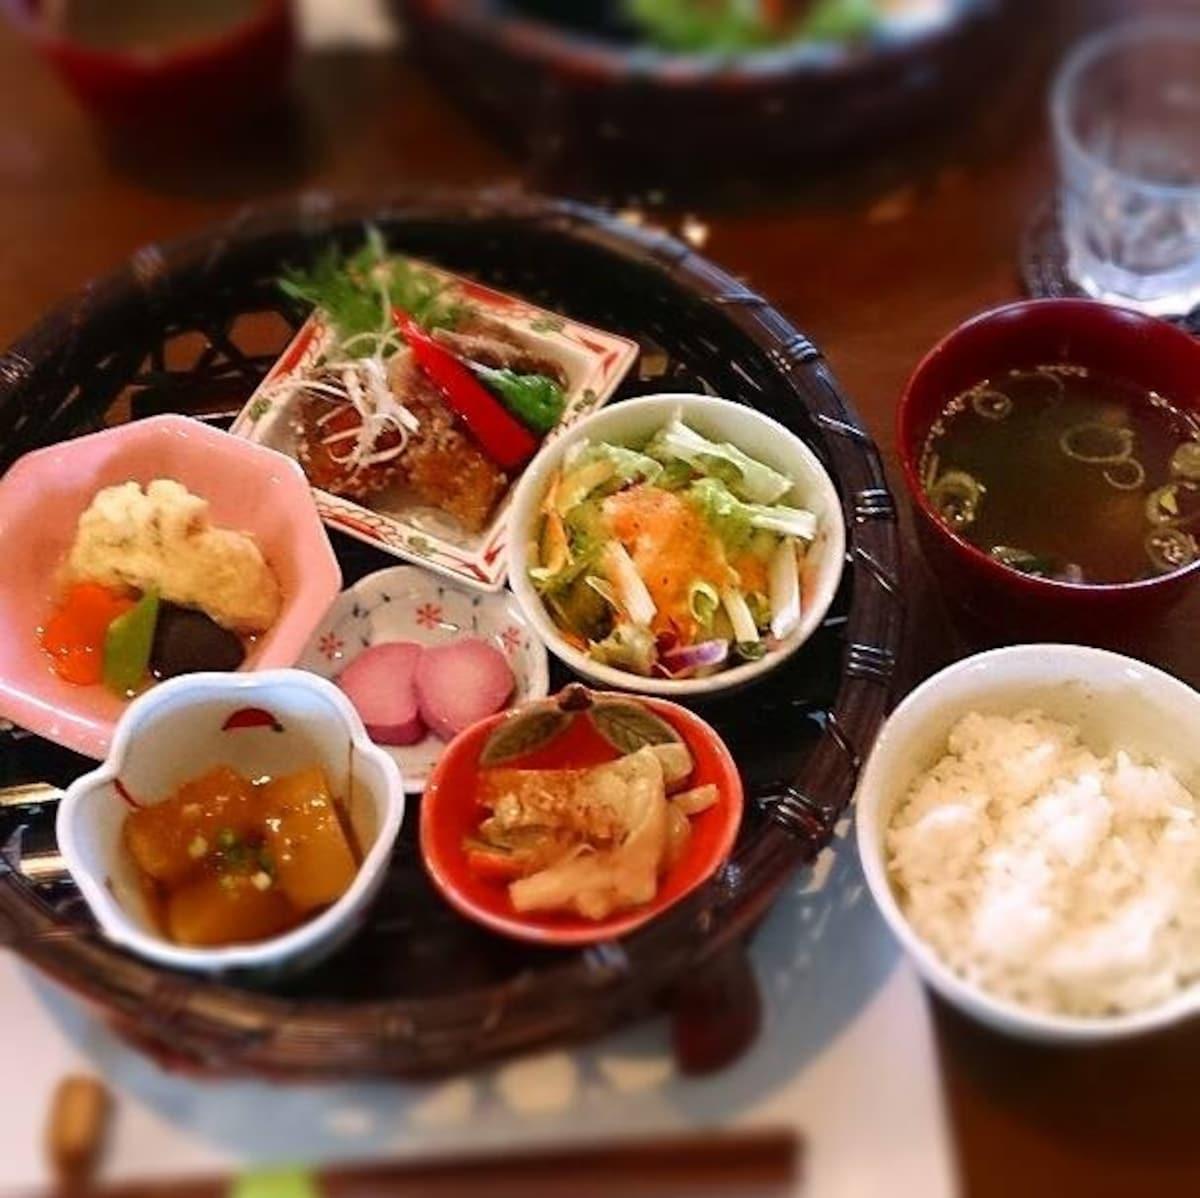 【青森・十和田】農園咖啡廳 日日木 (農園カフェ 日々木)